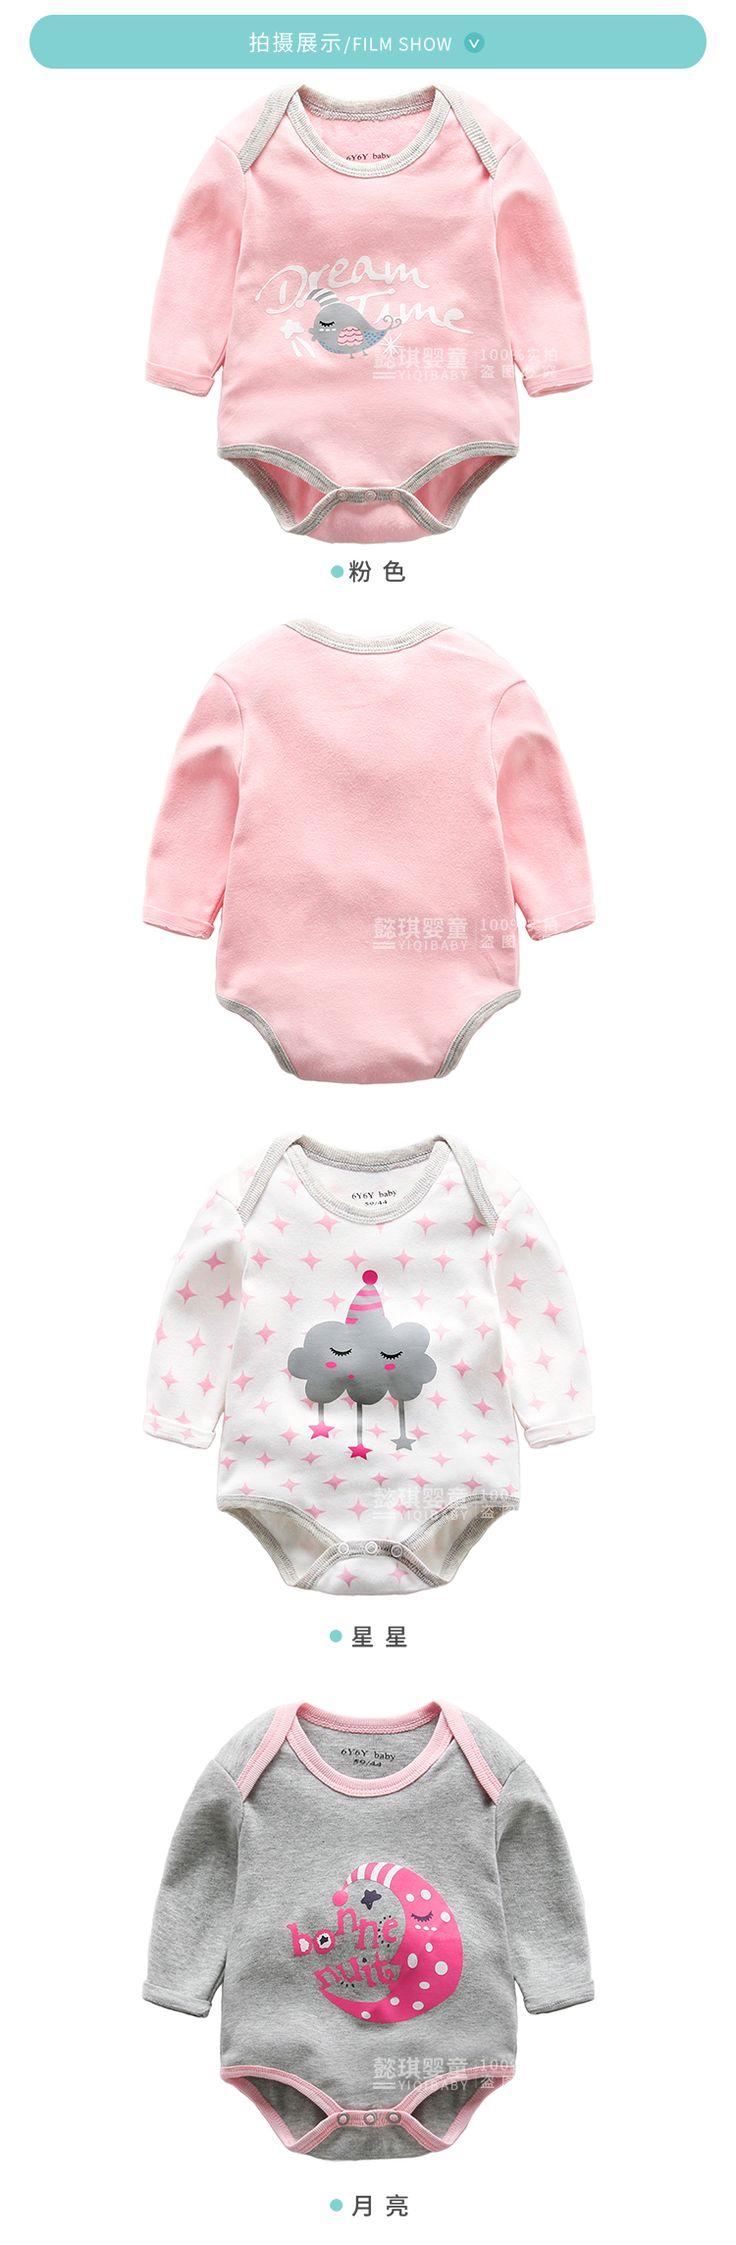 Весна ребенка ползунки детская одежда с длинным рукавом хлопка пижамы купить на AliExpress